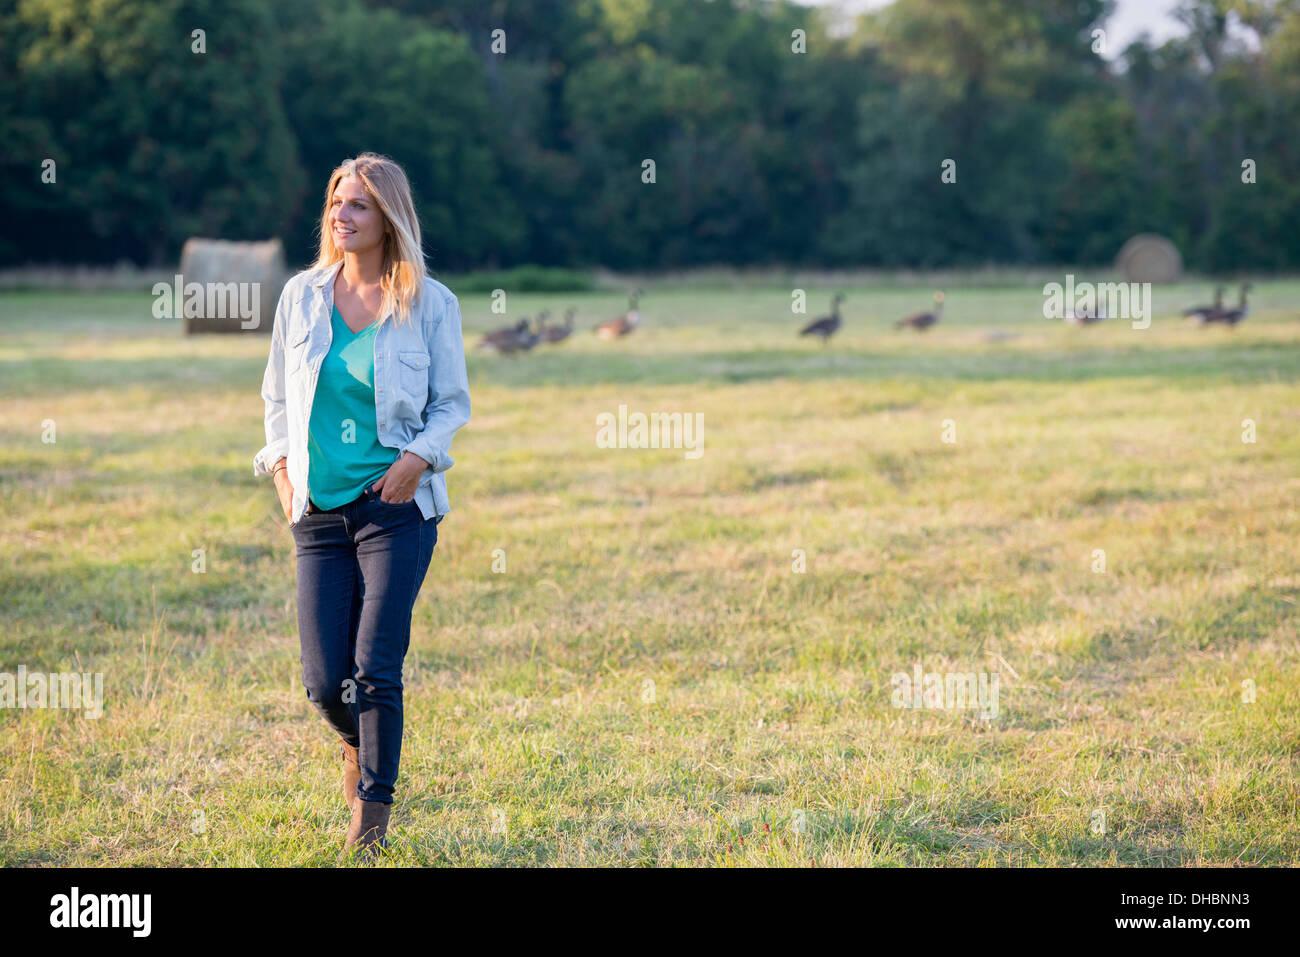 Una donna di camminare su un campo, lontano da un branco di oche all'aperto all'aria fresca. Foto Stock